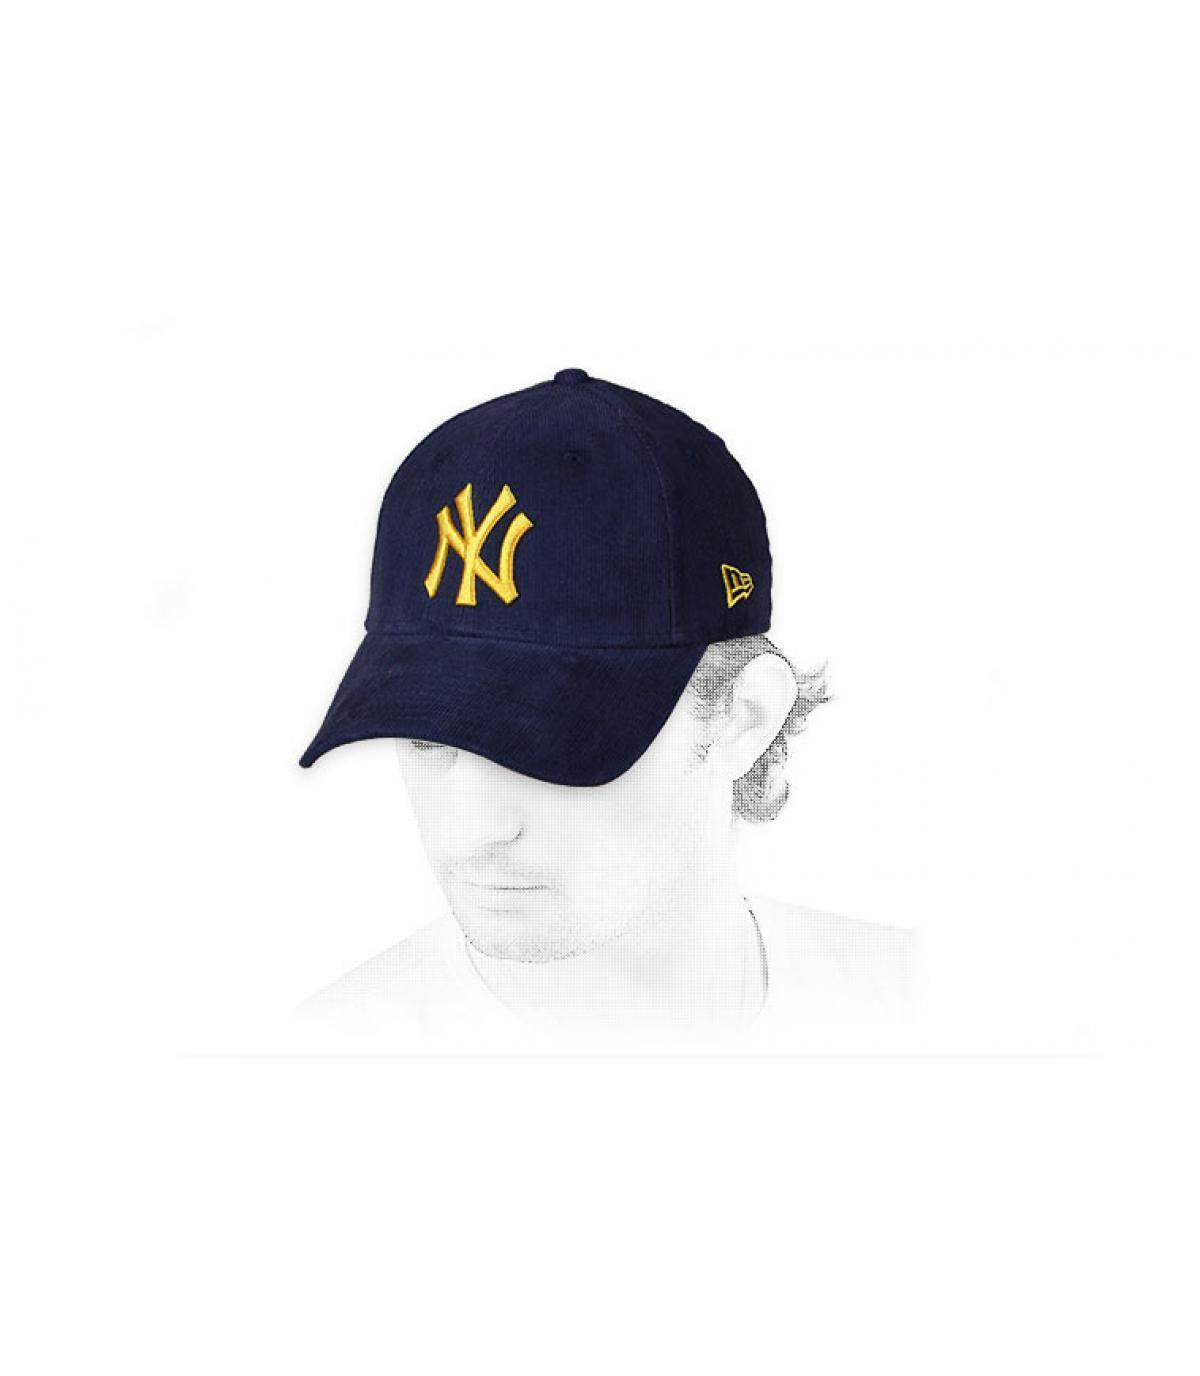 gorra NY pana azul amarillo